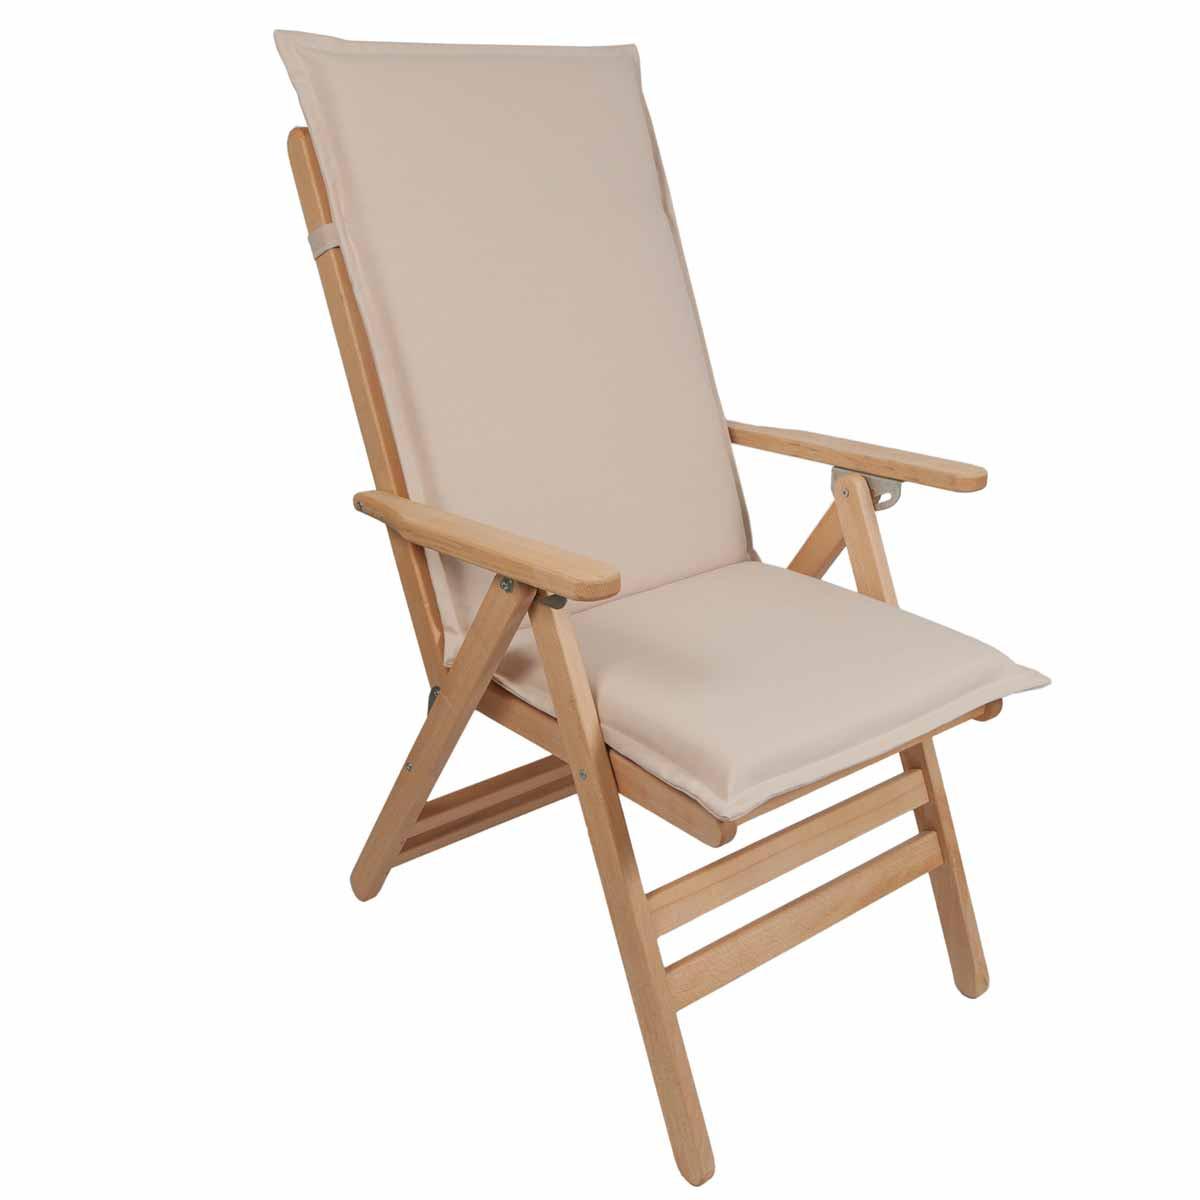 Μαξιλάρι Καρέκλας Με Πλάτη 112cm Be Comfy Beige 908